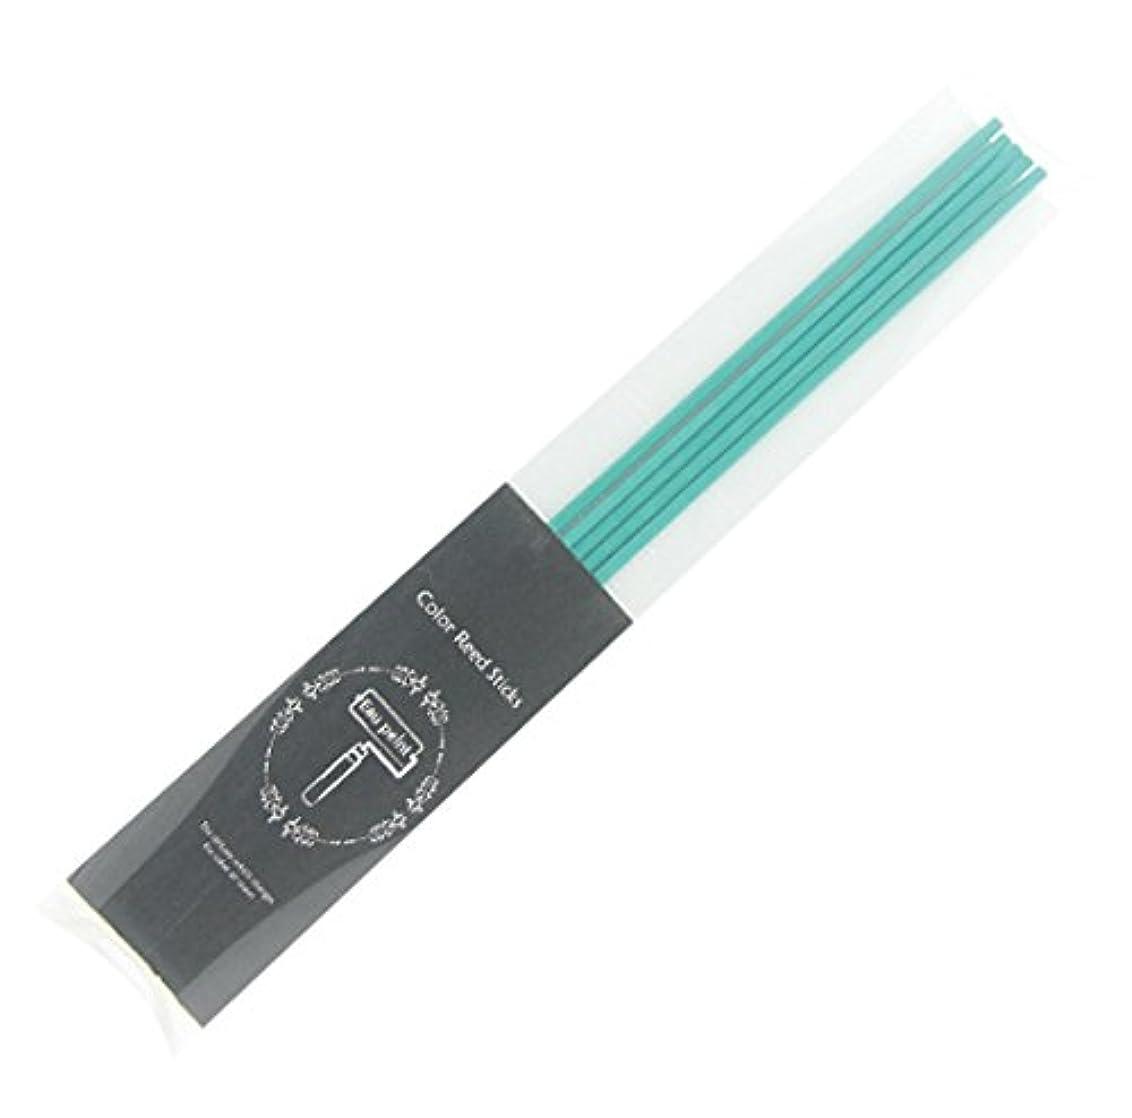 地味なバスタブ微弱Eau peint mais+ カラースティック リードディフューザー用スティック 5本入 ターコイズ Turquoise オーペイント マイス